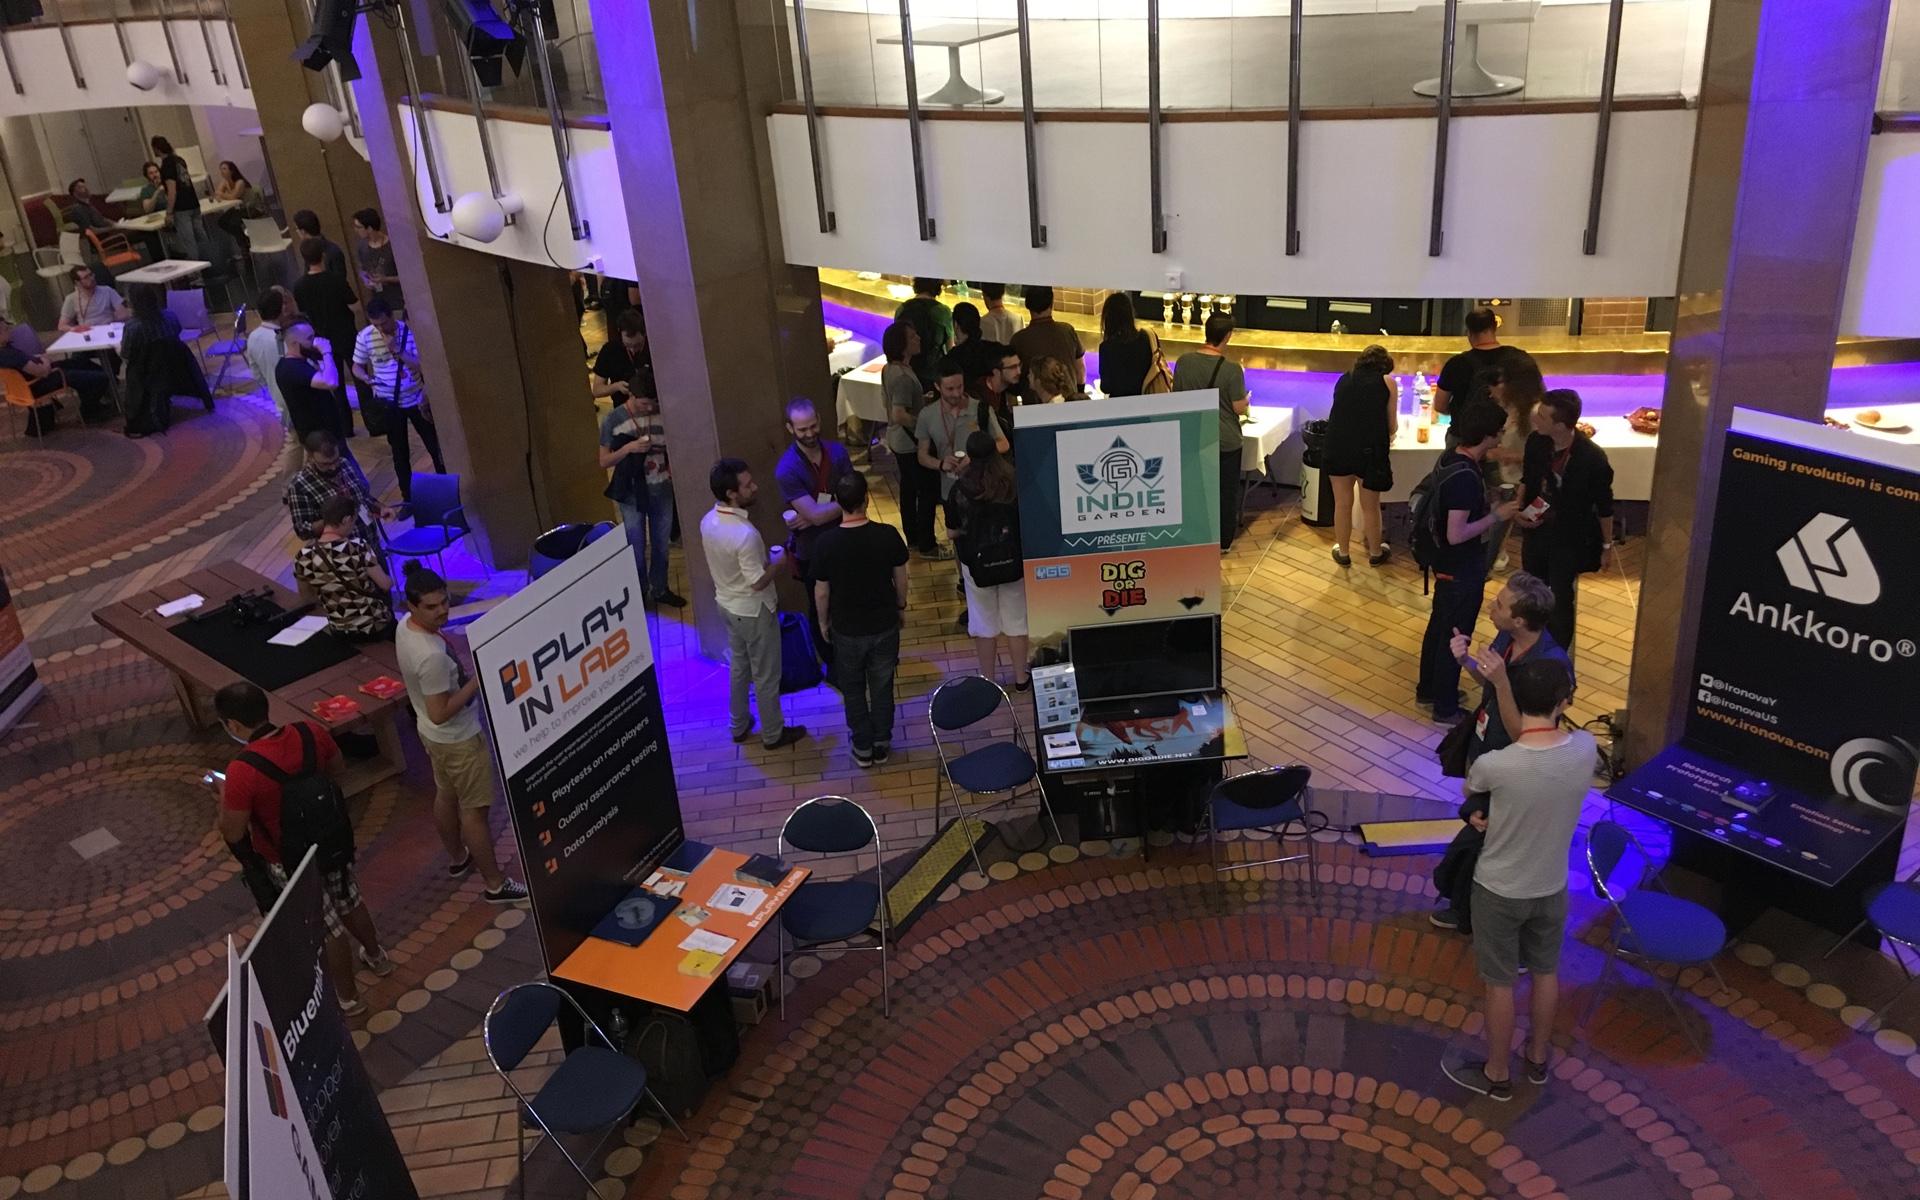 Le Gamecamp, organisé l'an dernier à Lille par le SNJV, a regroupé environ 450 professionnels français venus échanger et assister à des conférences.